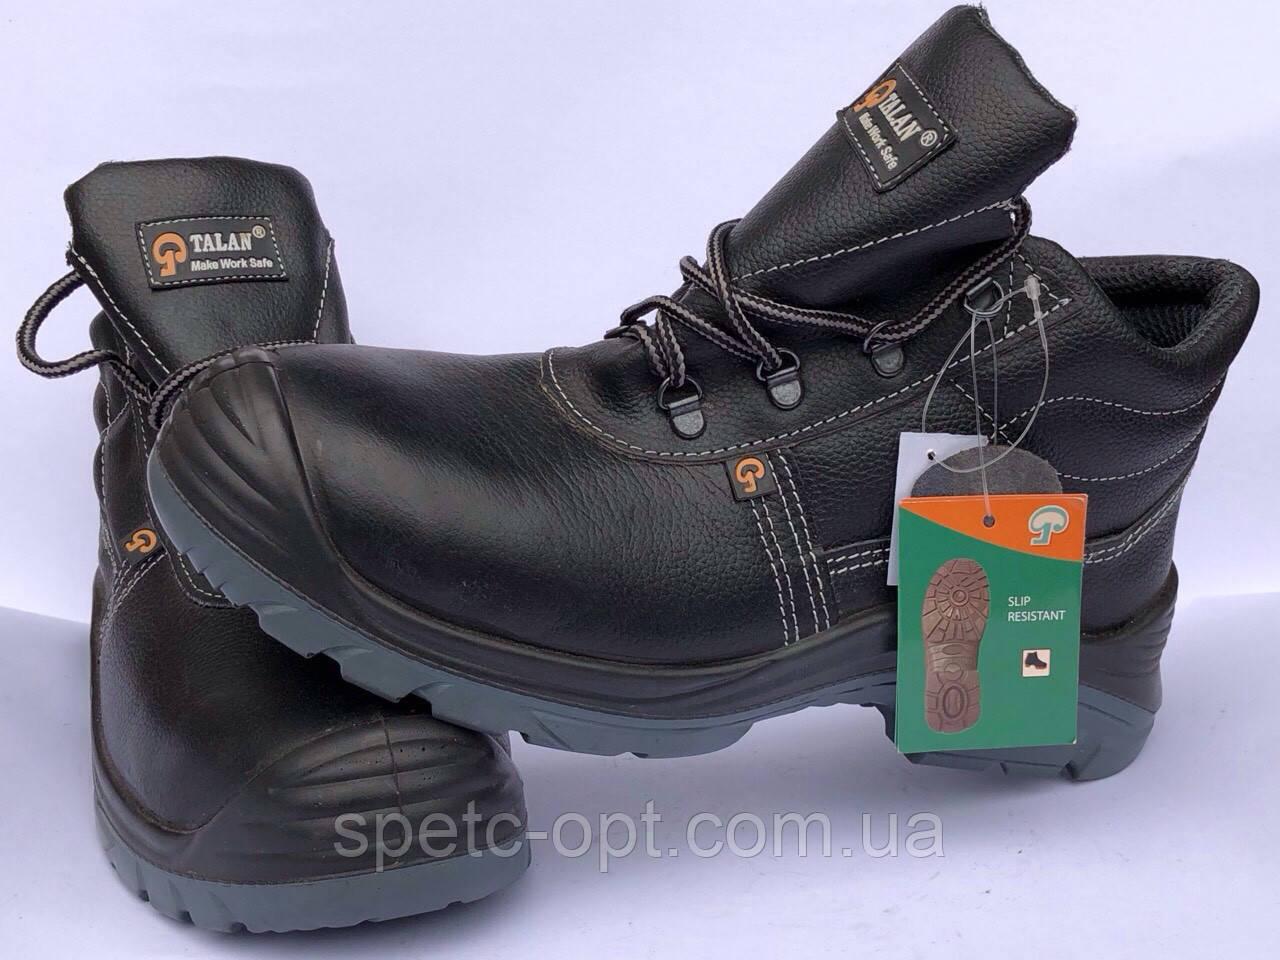 Ботинки рабочие Talan S3 МБС